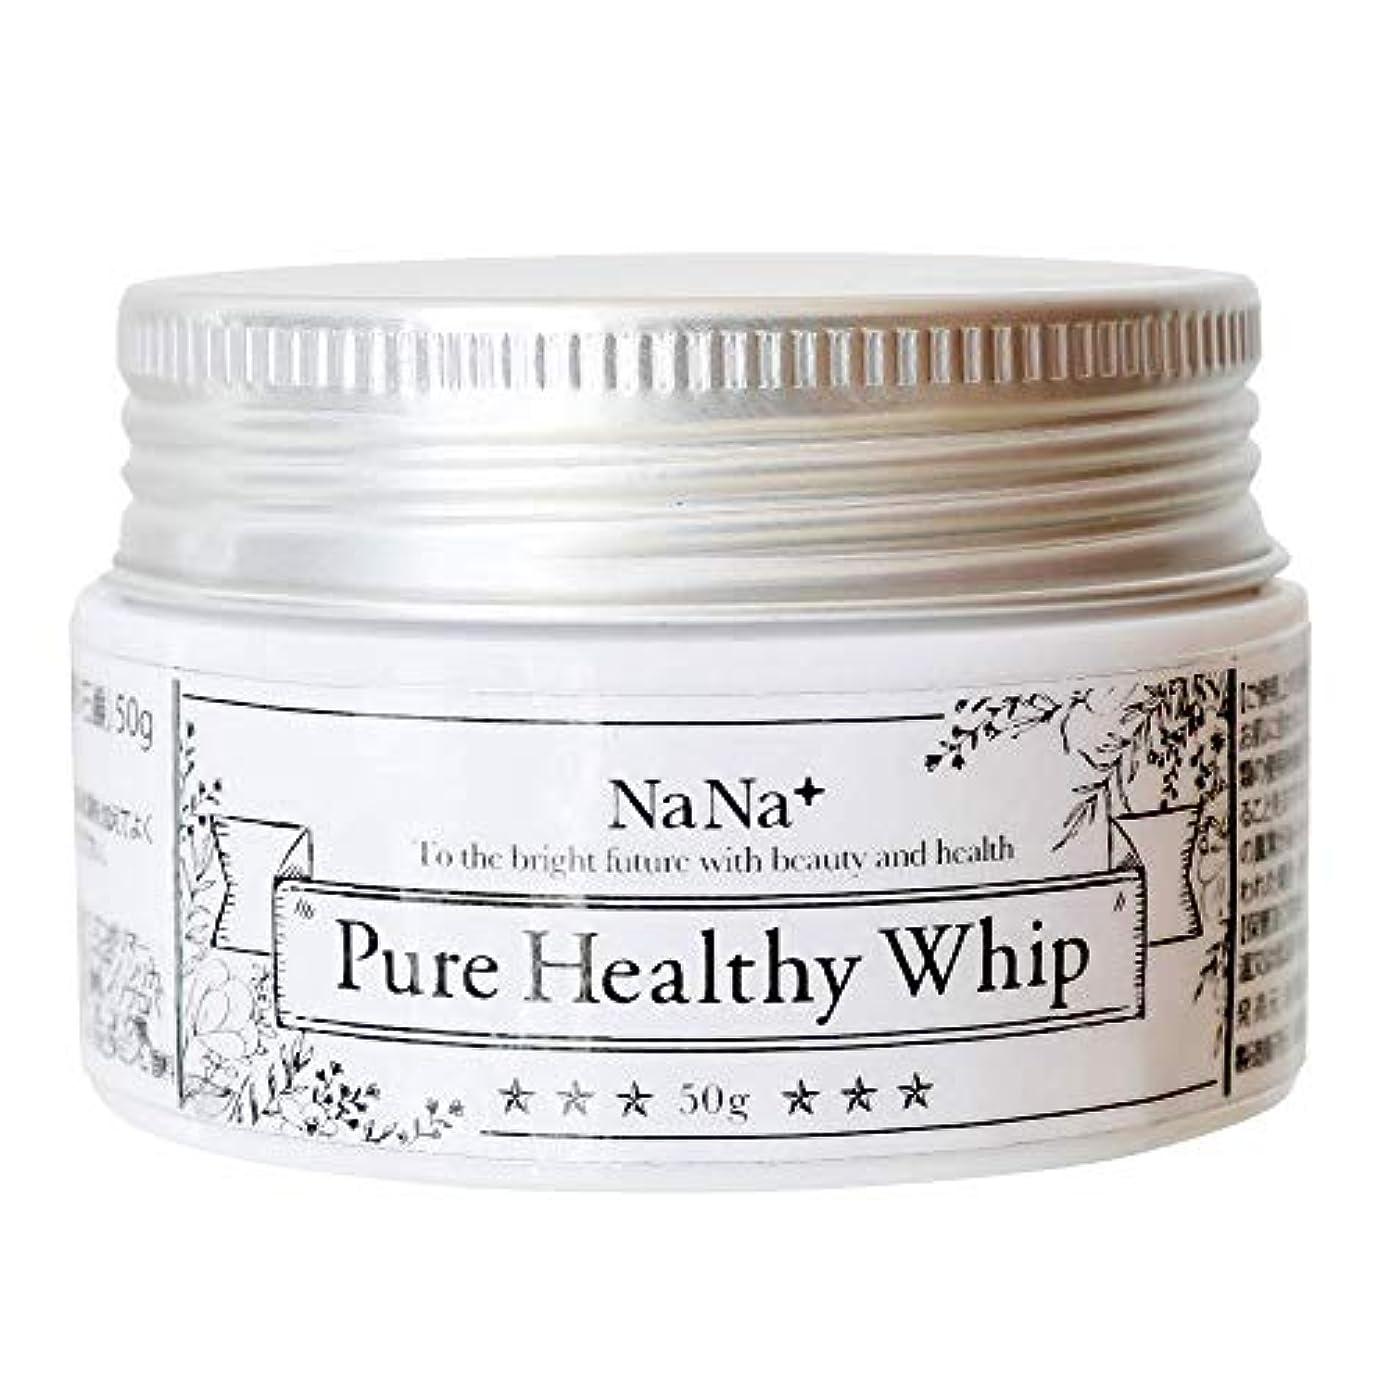 接辞頼る起きている洗顔 生せっけん 敏感肌 乾燥肌 の 毛穴 くすみ 黒ずみ ケア 肌に優しい無添加  nana+ピュアヘルシーホイップ